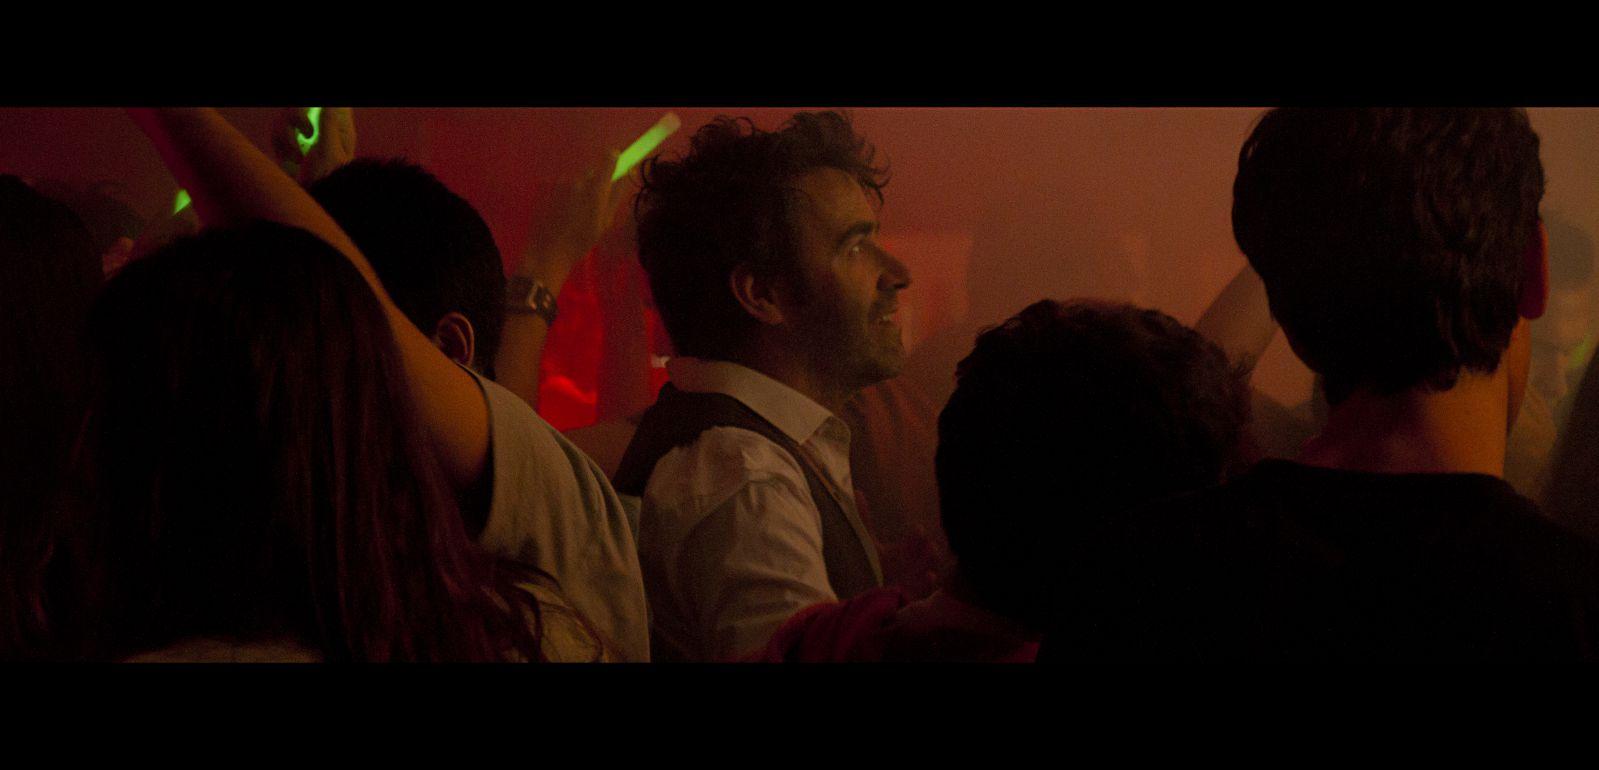 Esquizophonia_ShortMovie_Film_35mm_CornerStudio